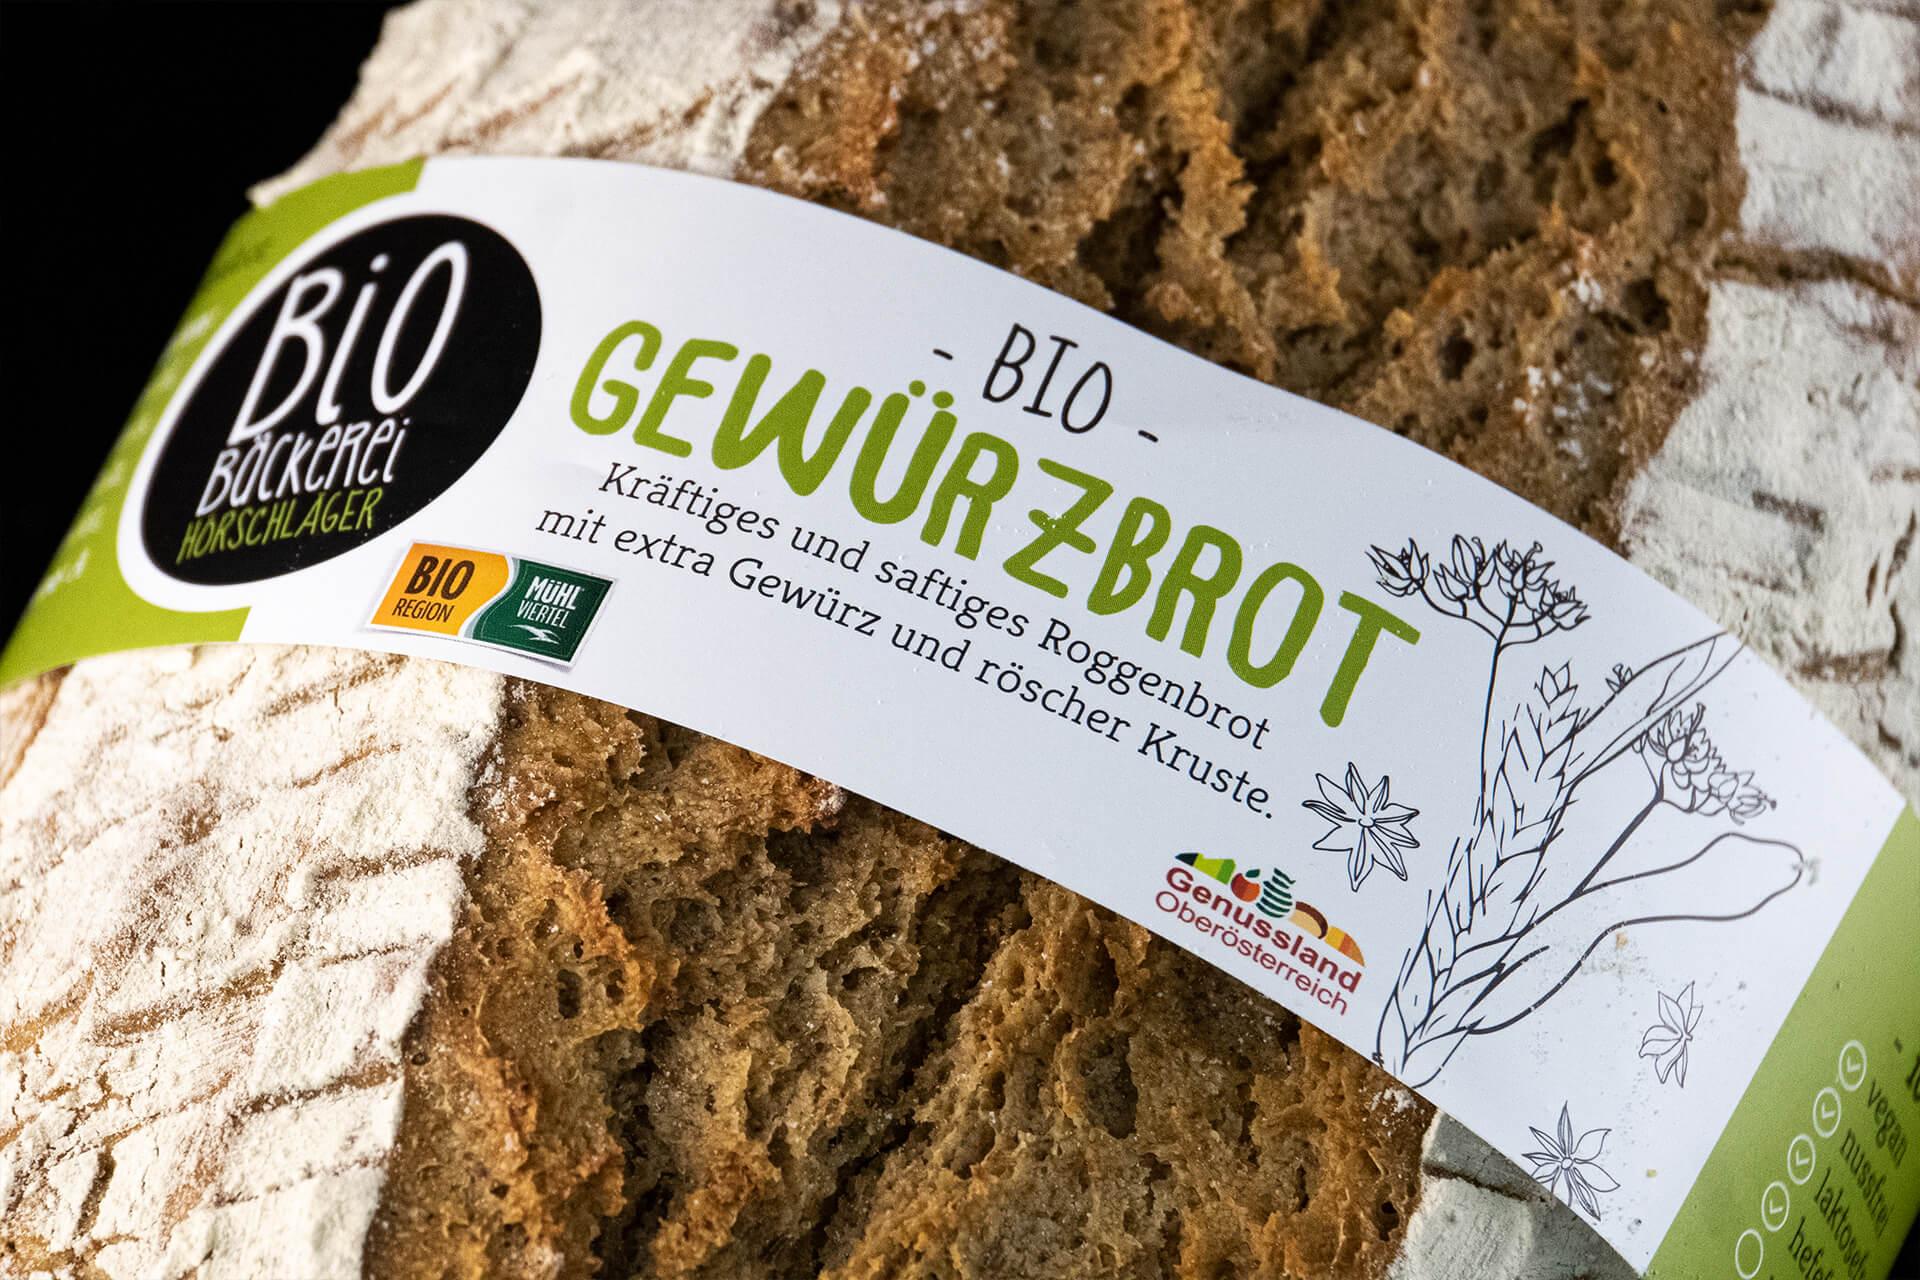 Bio Brot Packaging